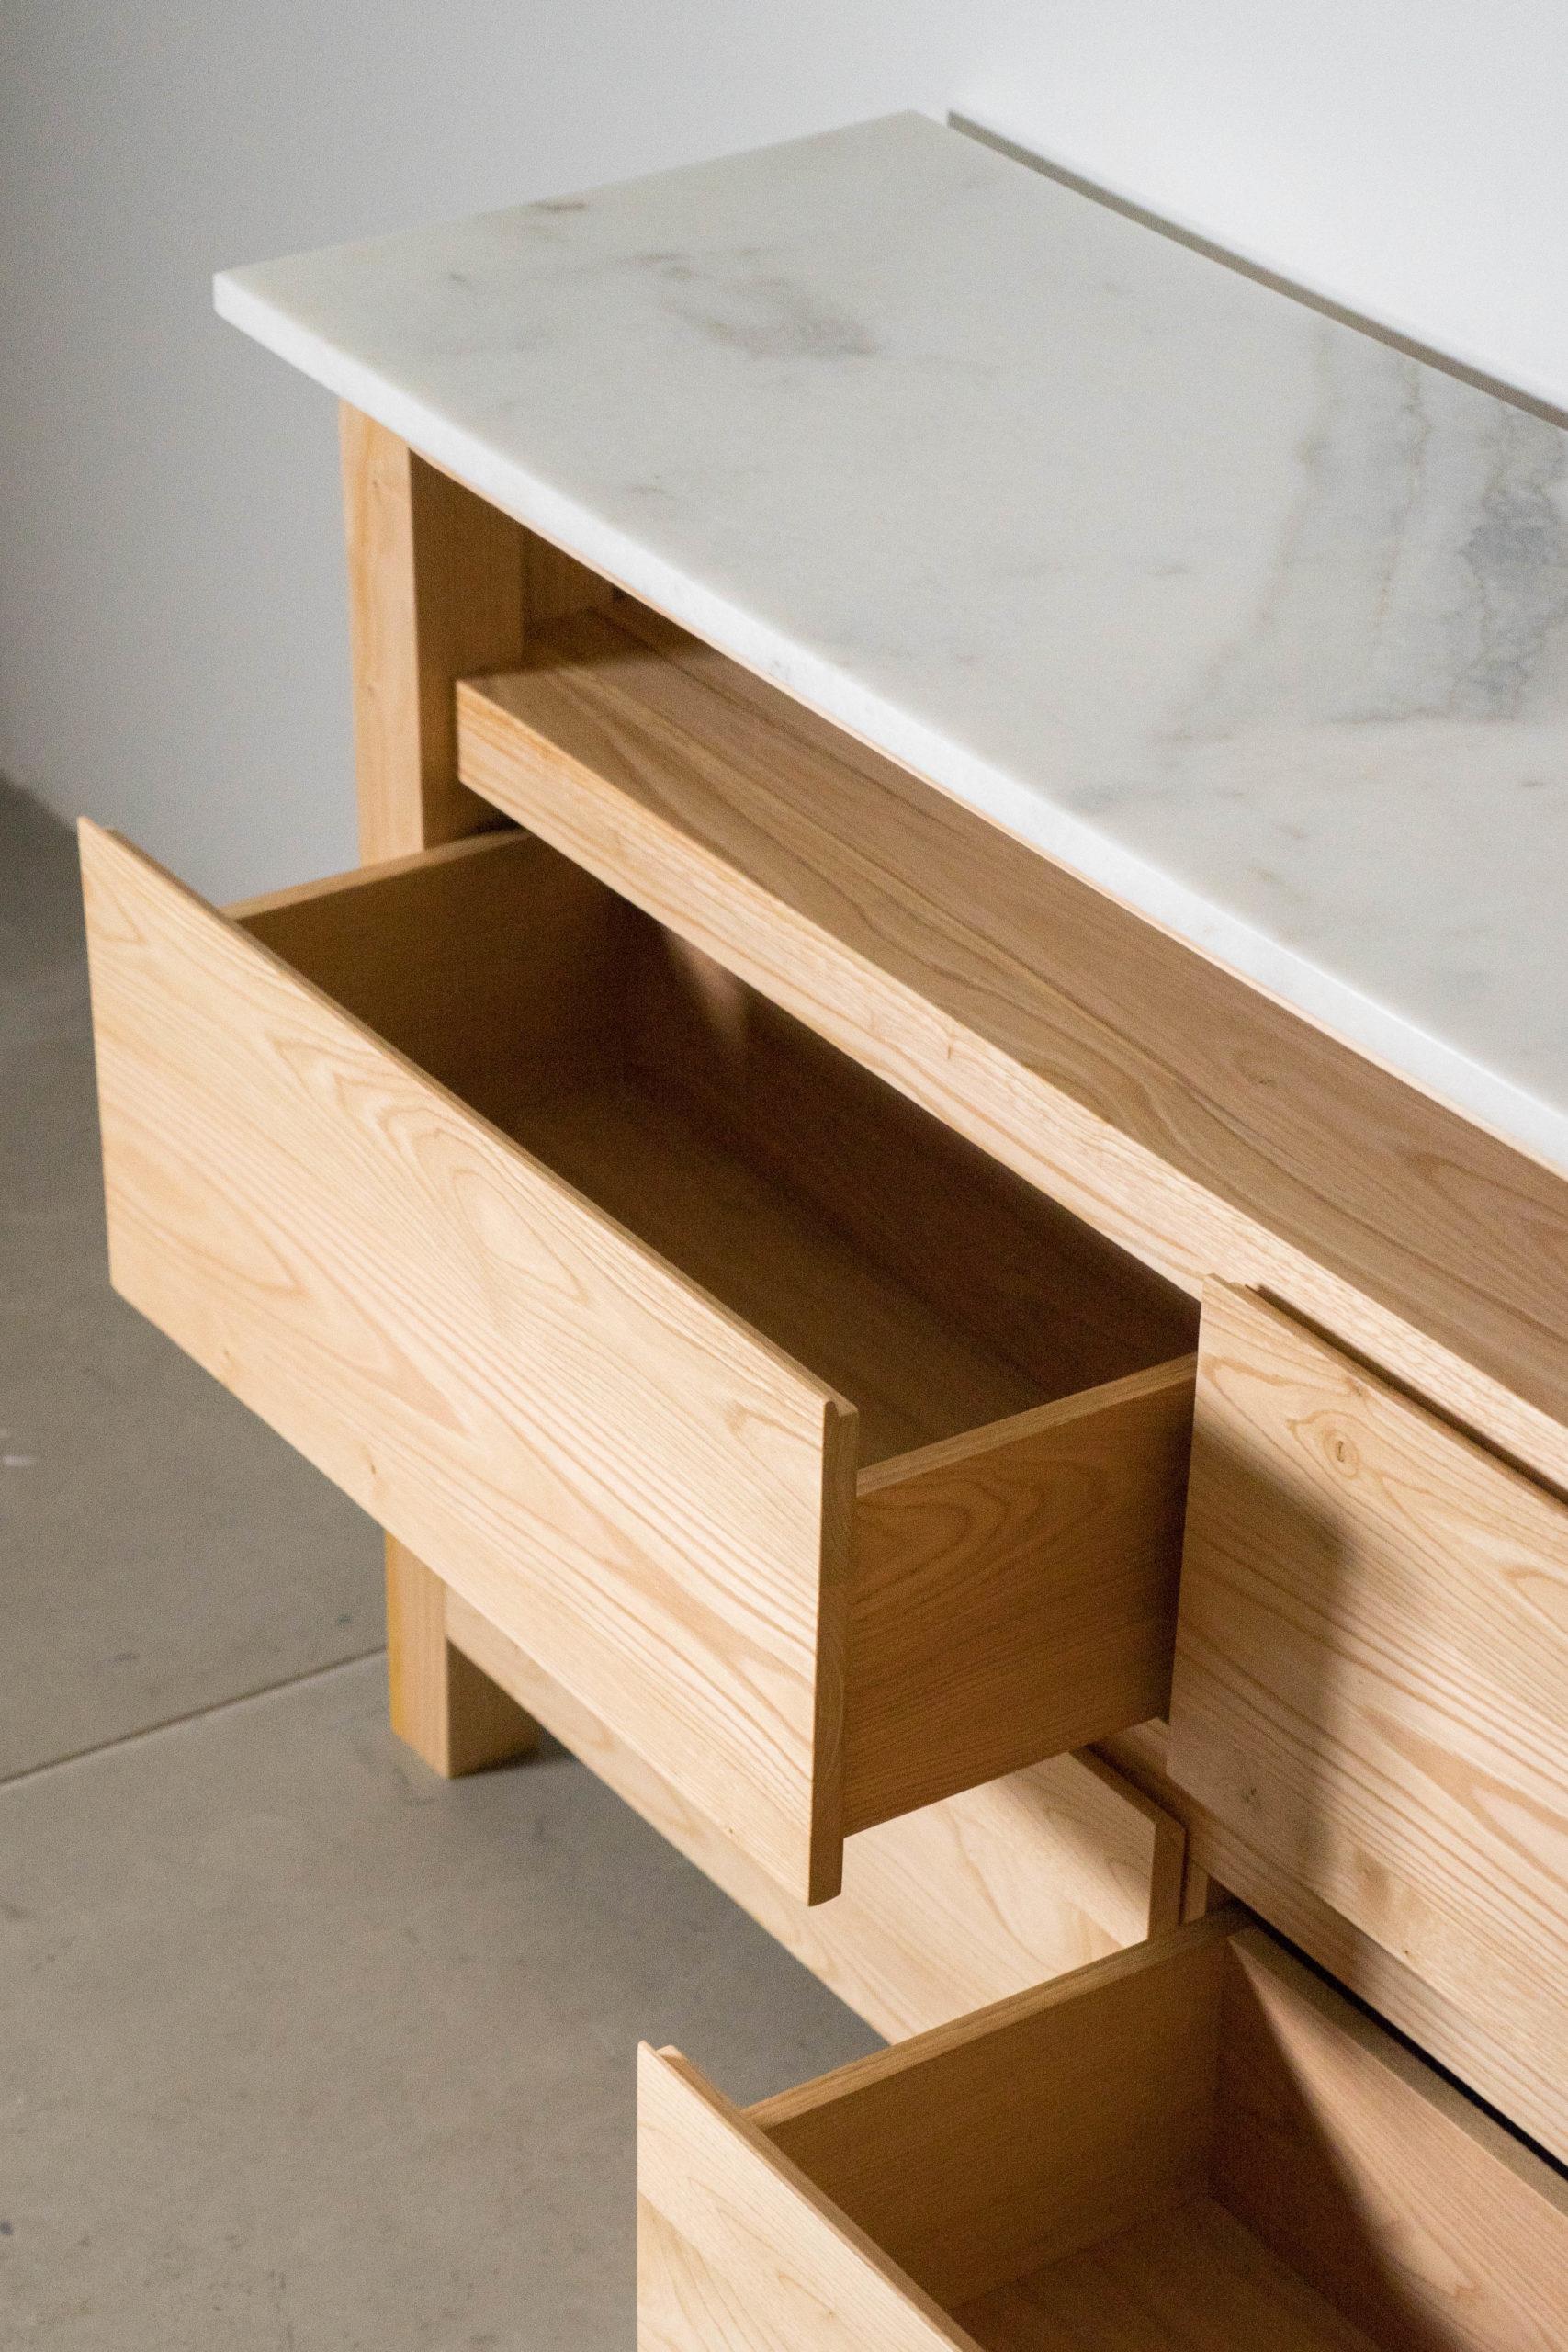 cajon de madera mueble pepita de oliva